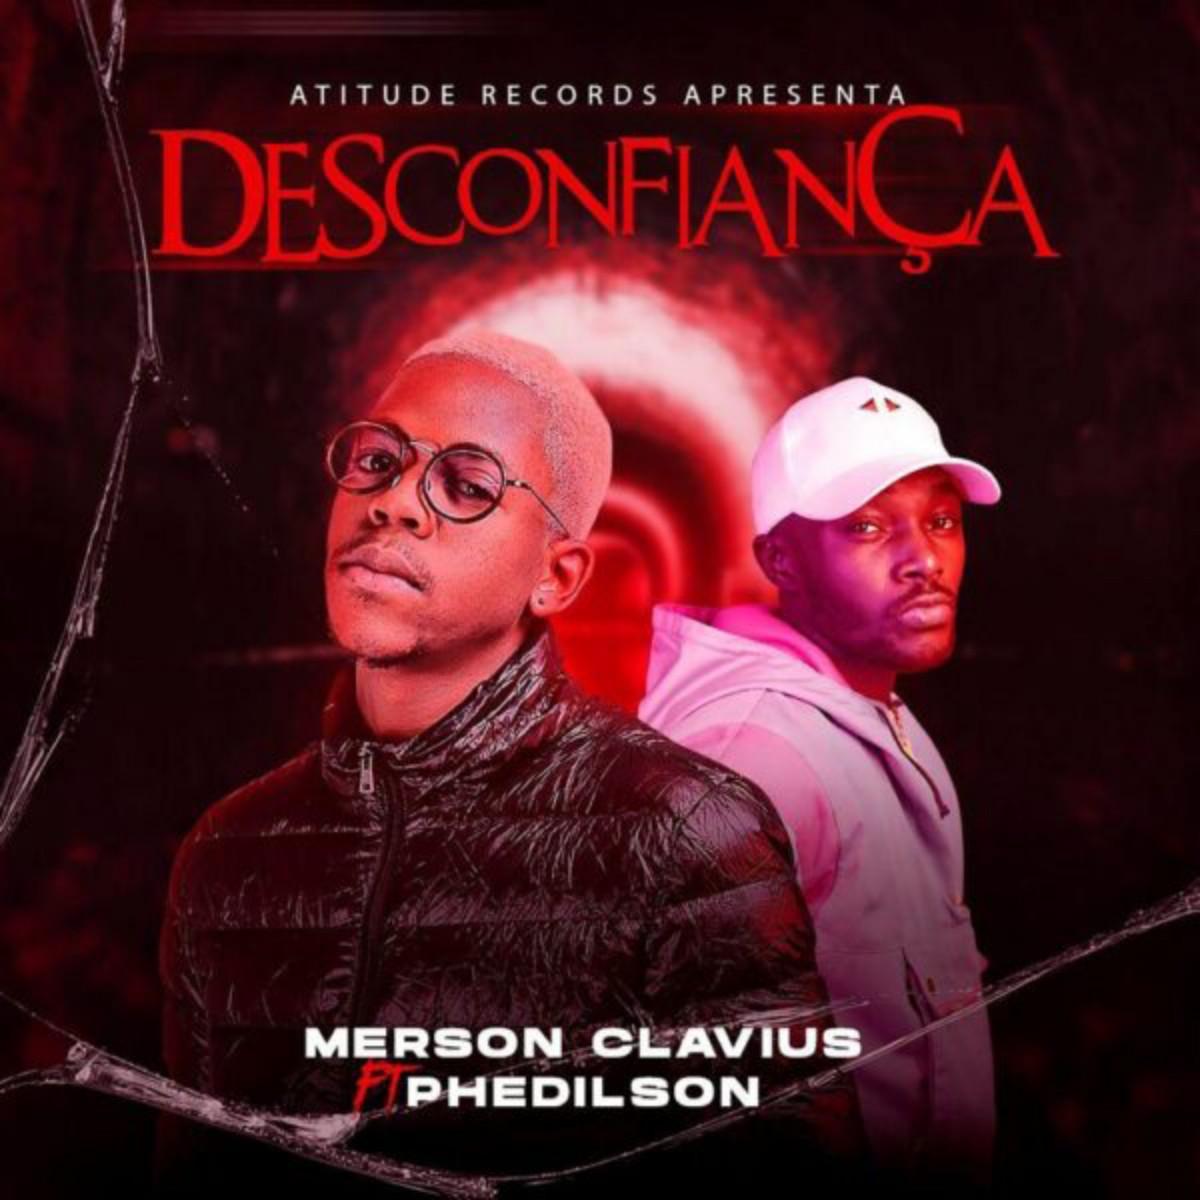 Merson Clavius - Desconfiança (feat. Phedilson Ananás)